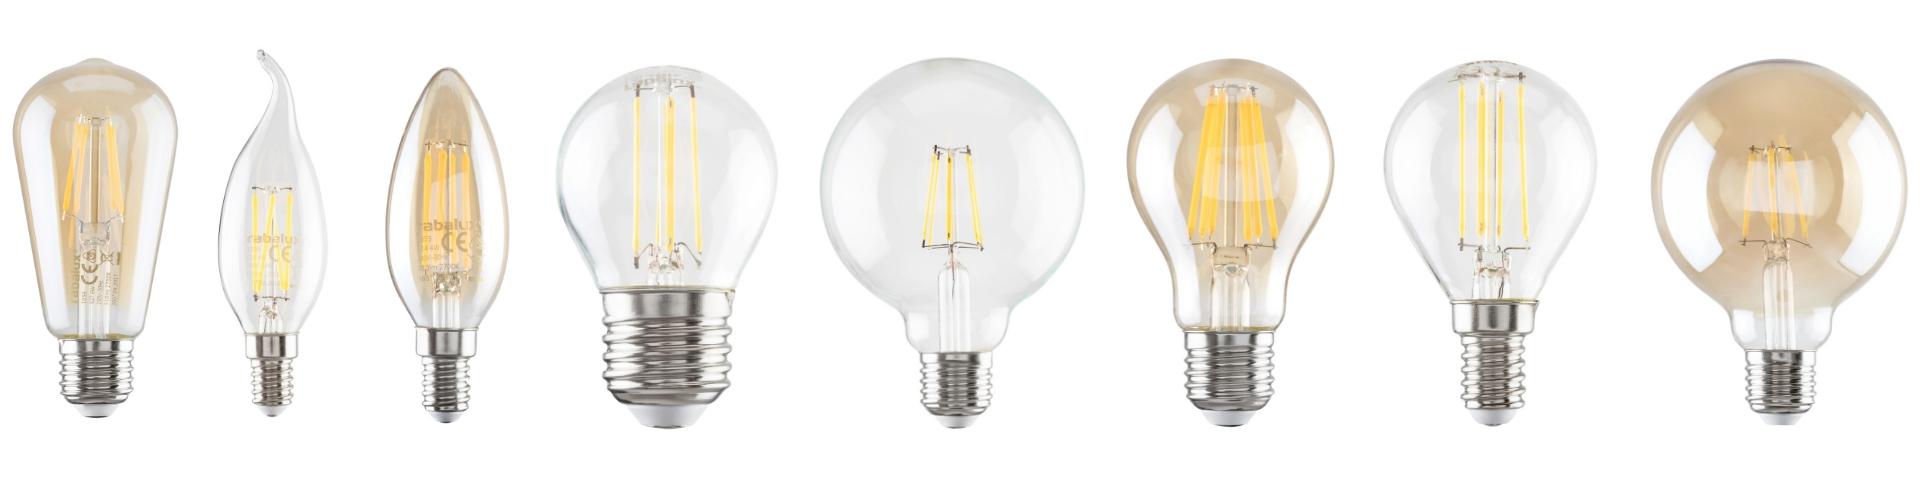 LED филаменти